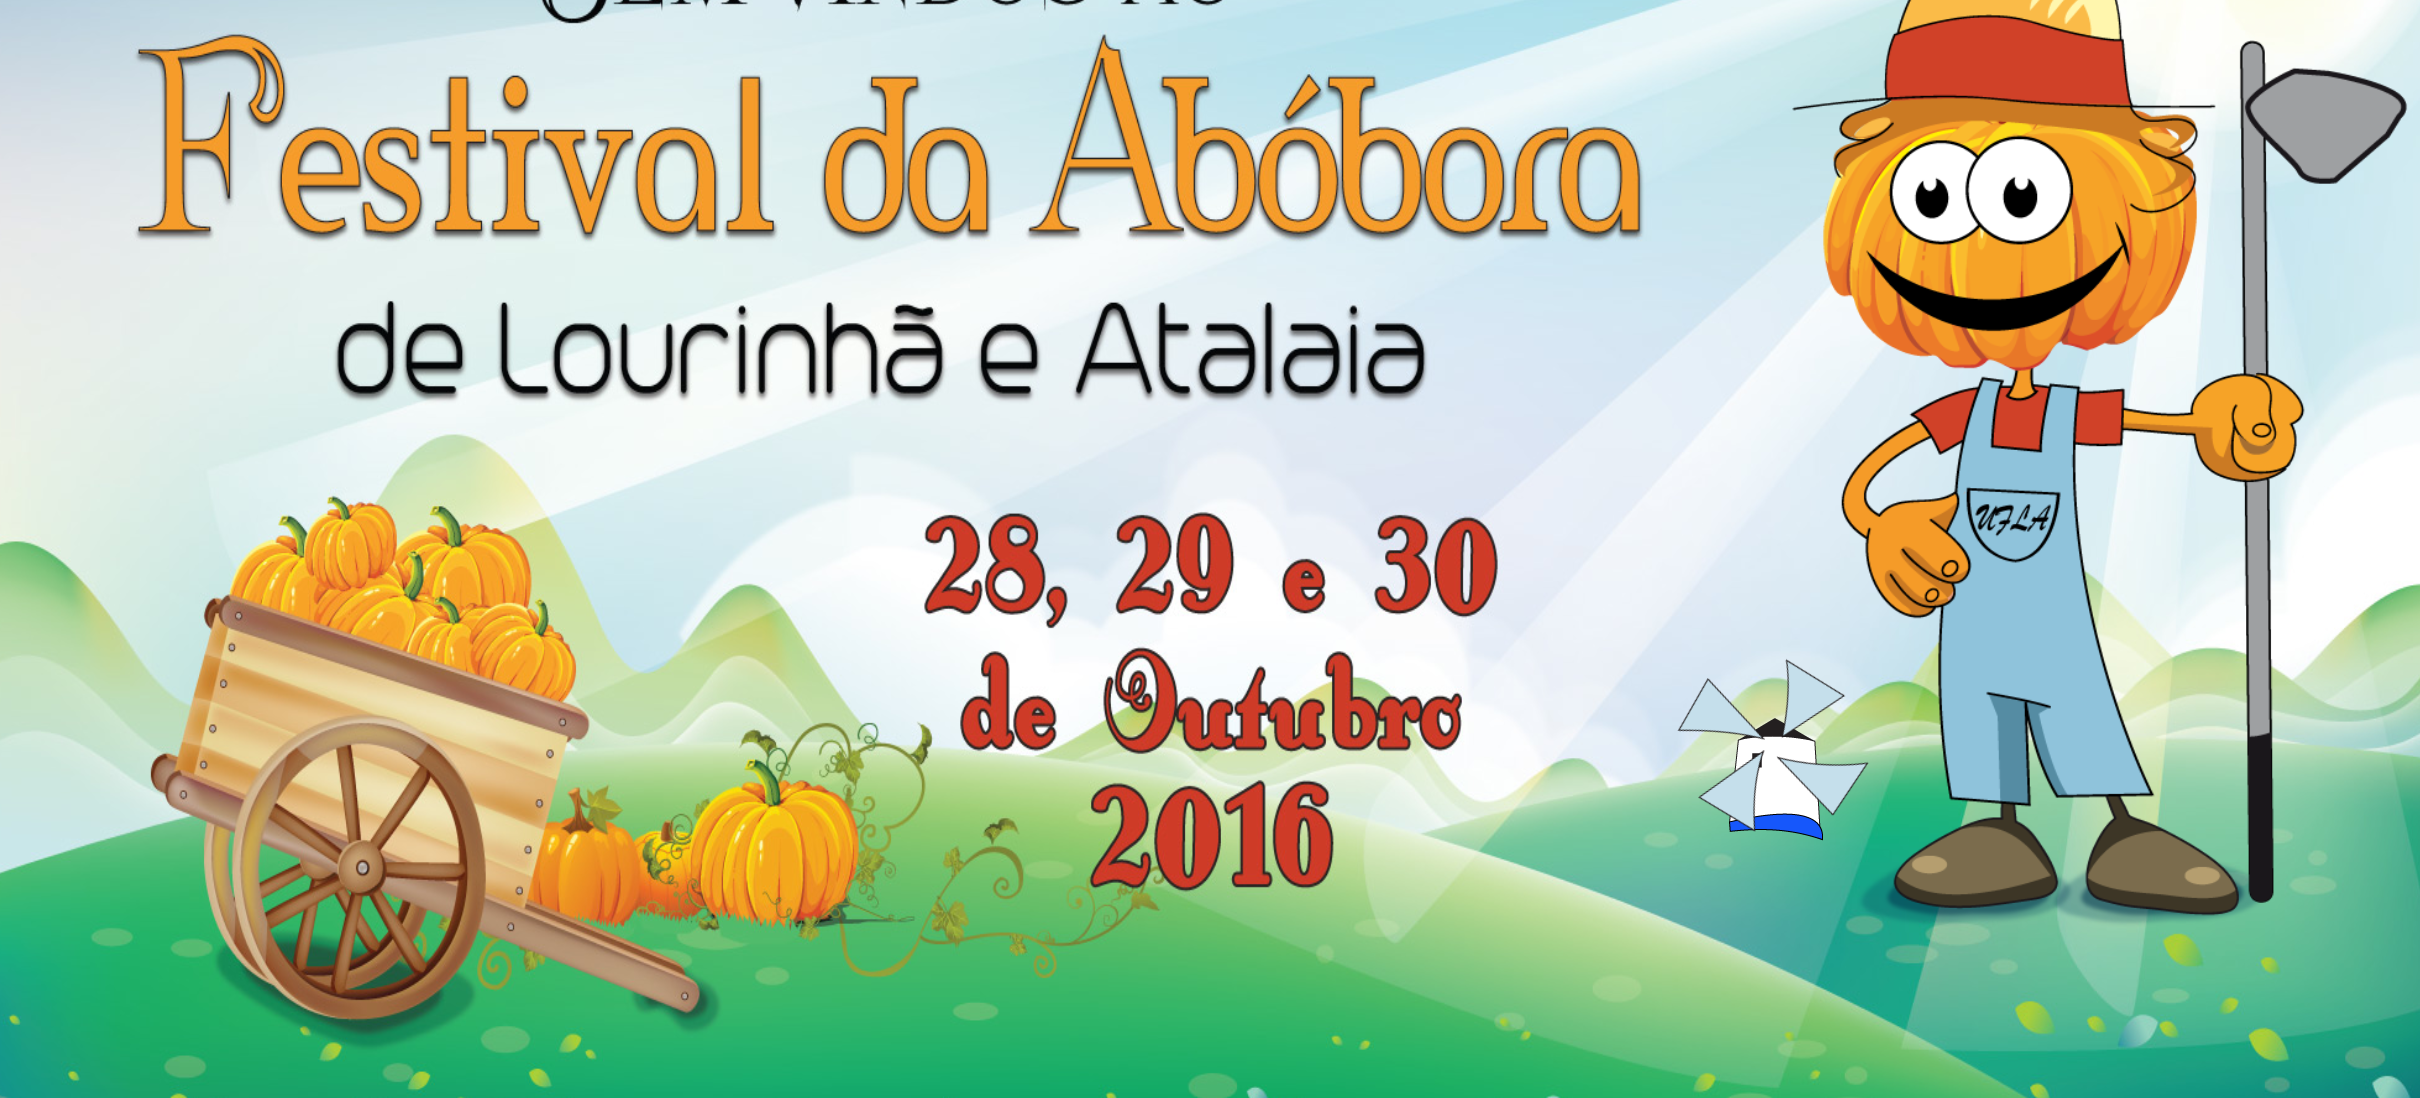 Festival da Abóbora de Lourinha e Atalaia